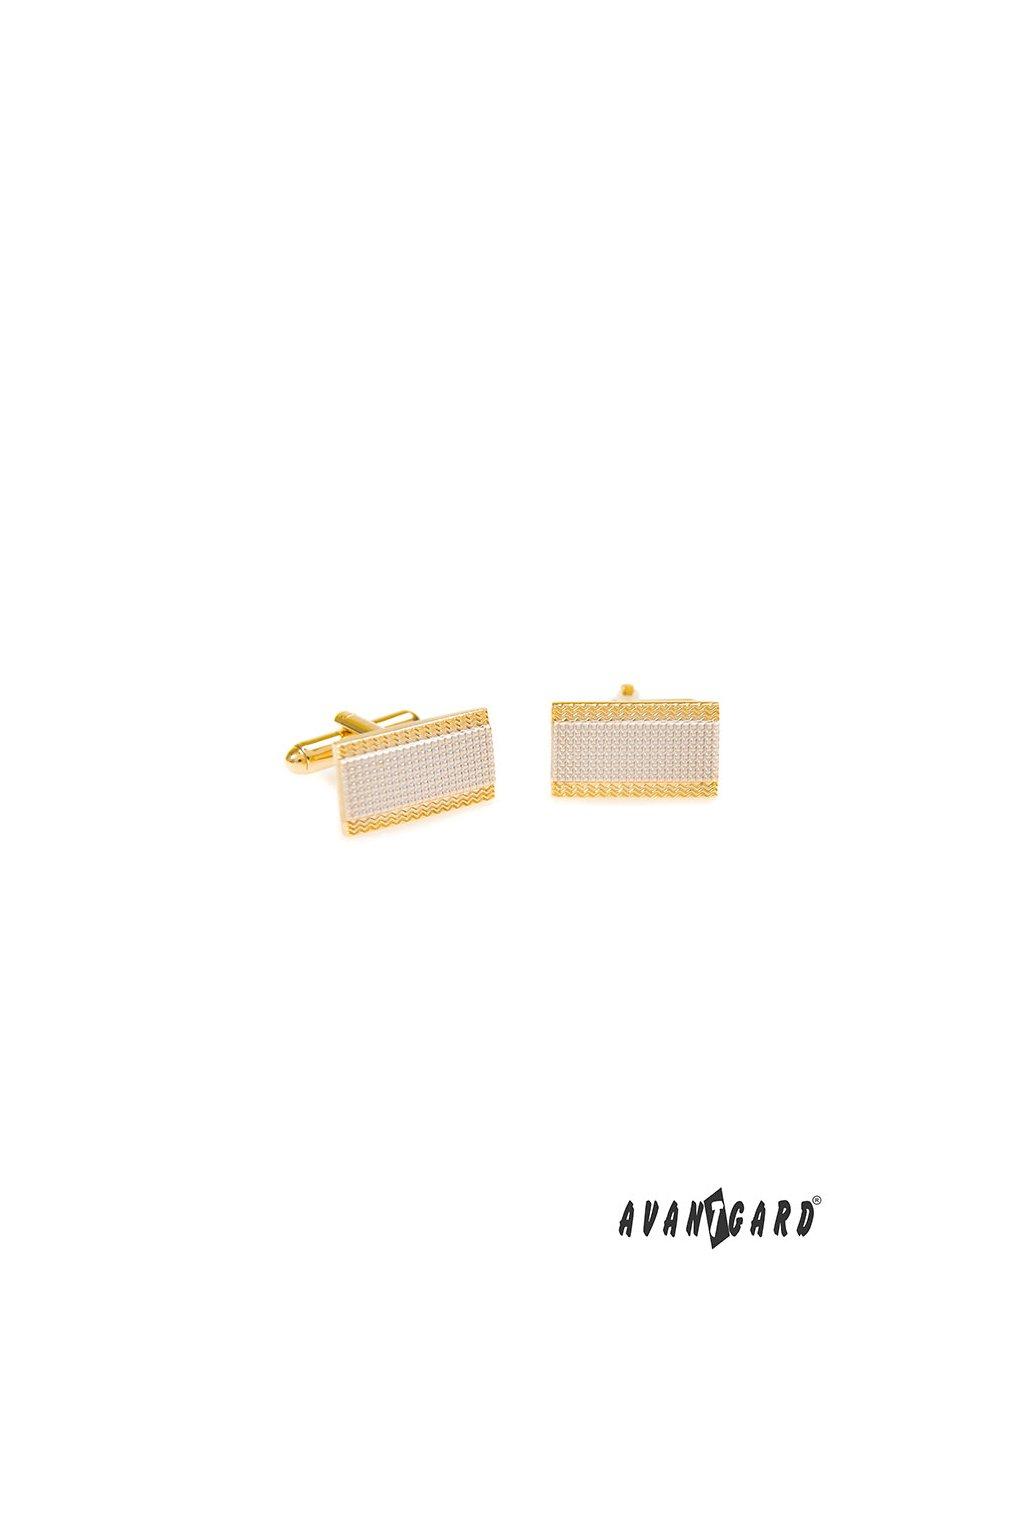 Manžetové knoflíčky PREMIUM zlatá lesk 573 - 10077